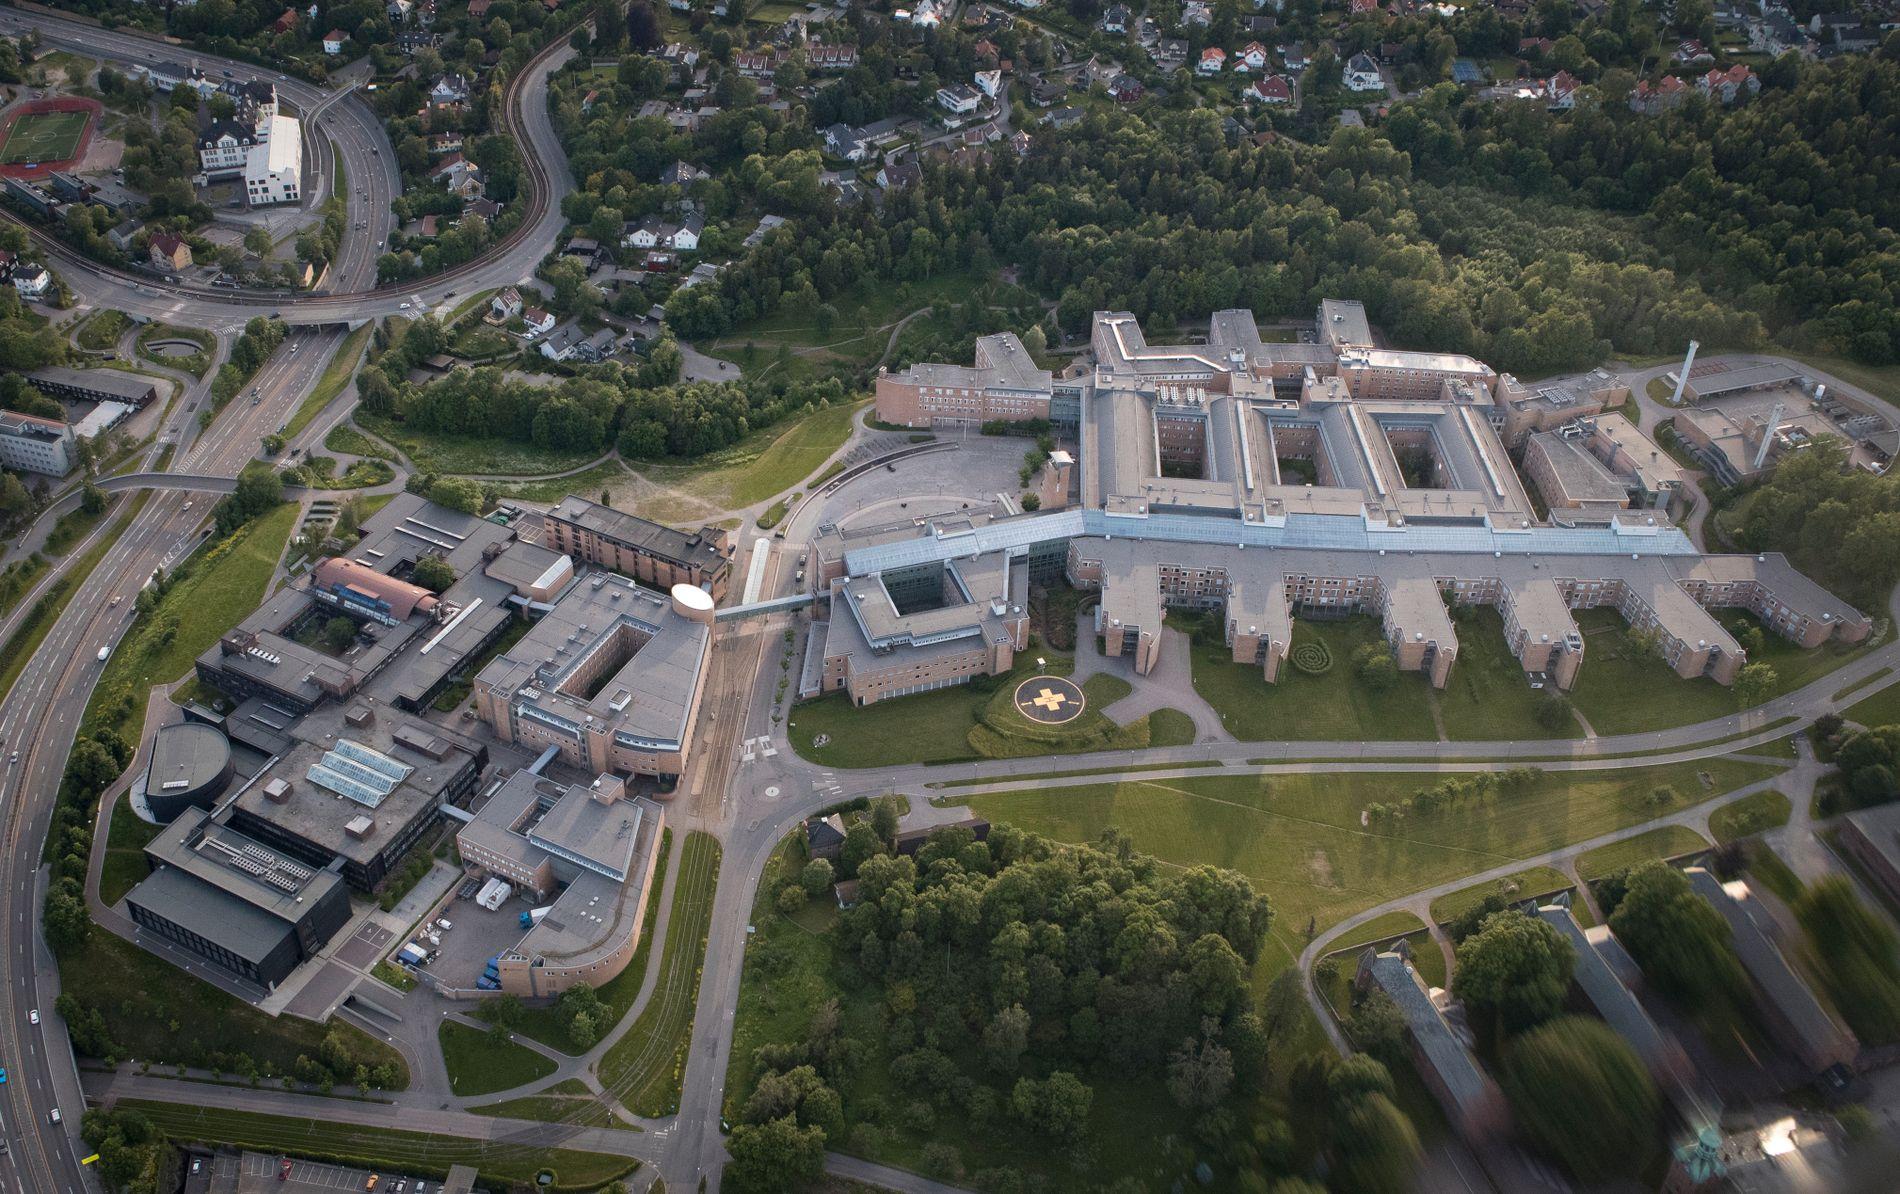 NYTT STORSYKEHUS: Her til venstre for dagens Rikshospital i Oslo er planen å bygge et nytt sykehus på opp til 15 etasjer til sammen nesten 100.000 kvadratmeter. Foto: Torstein Bøe / NTB scanpix